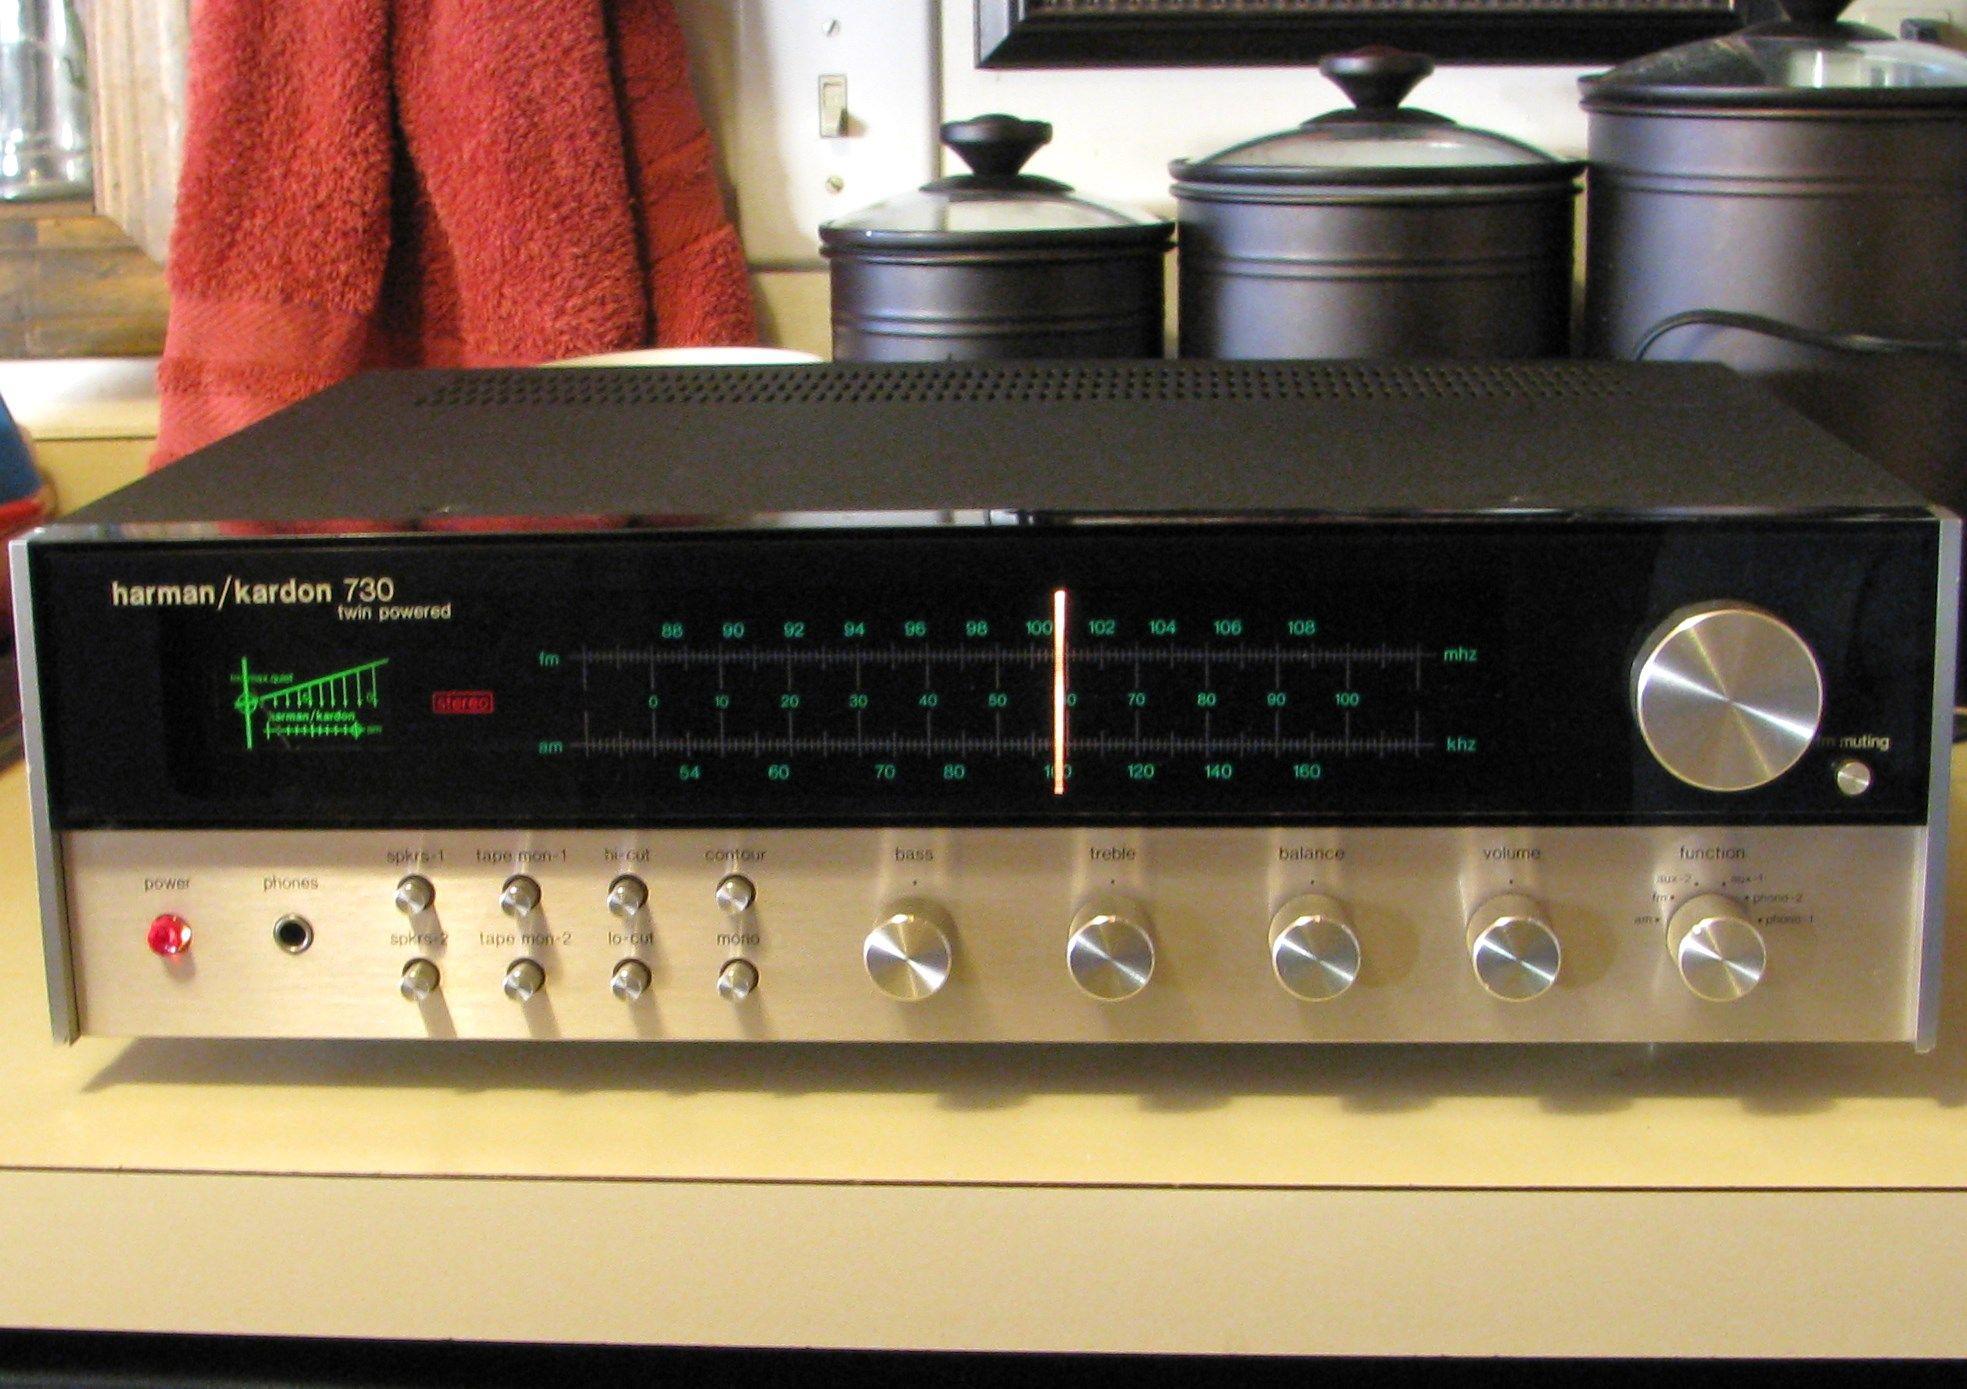 Harman kardon 730 amfm stereo receiver harman kardon